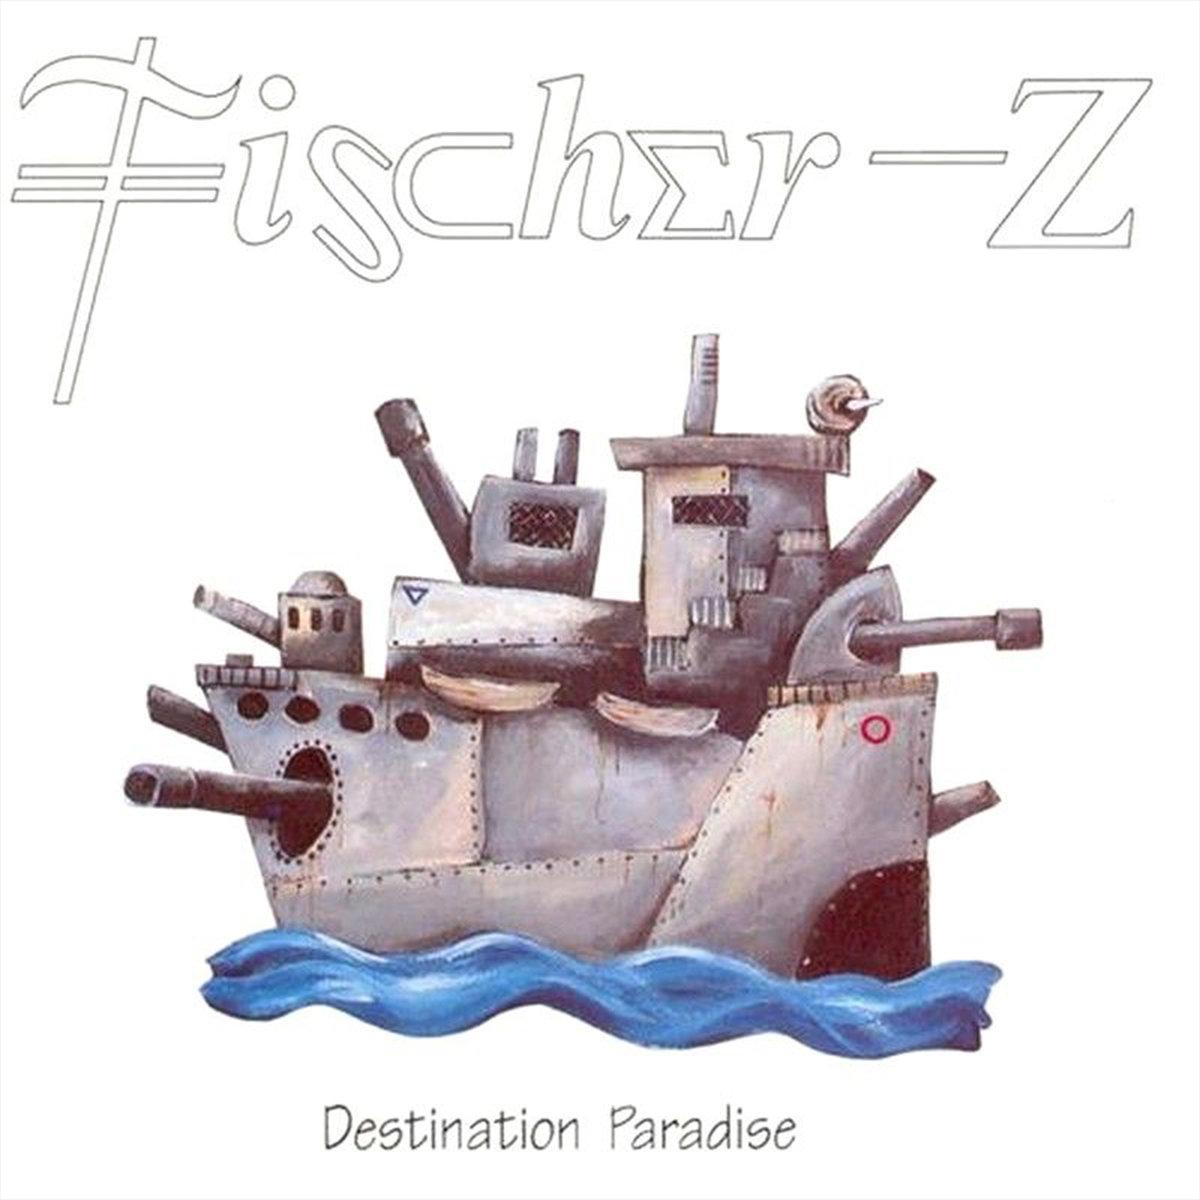 1992 - DESTINATION PARADISE